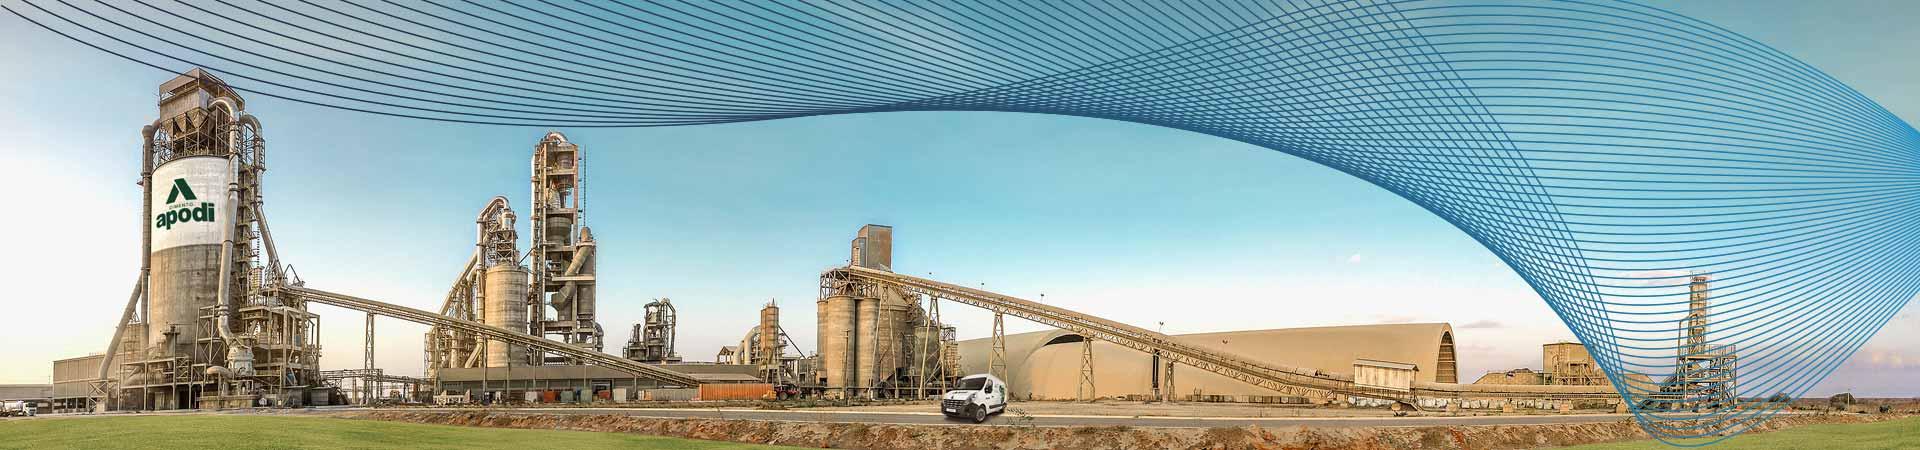 fábricas da cimento apodi